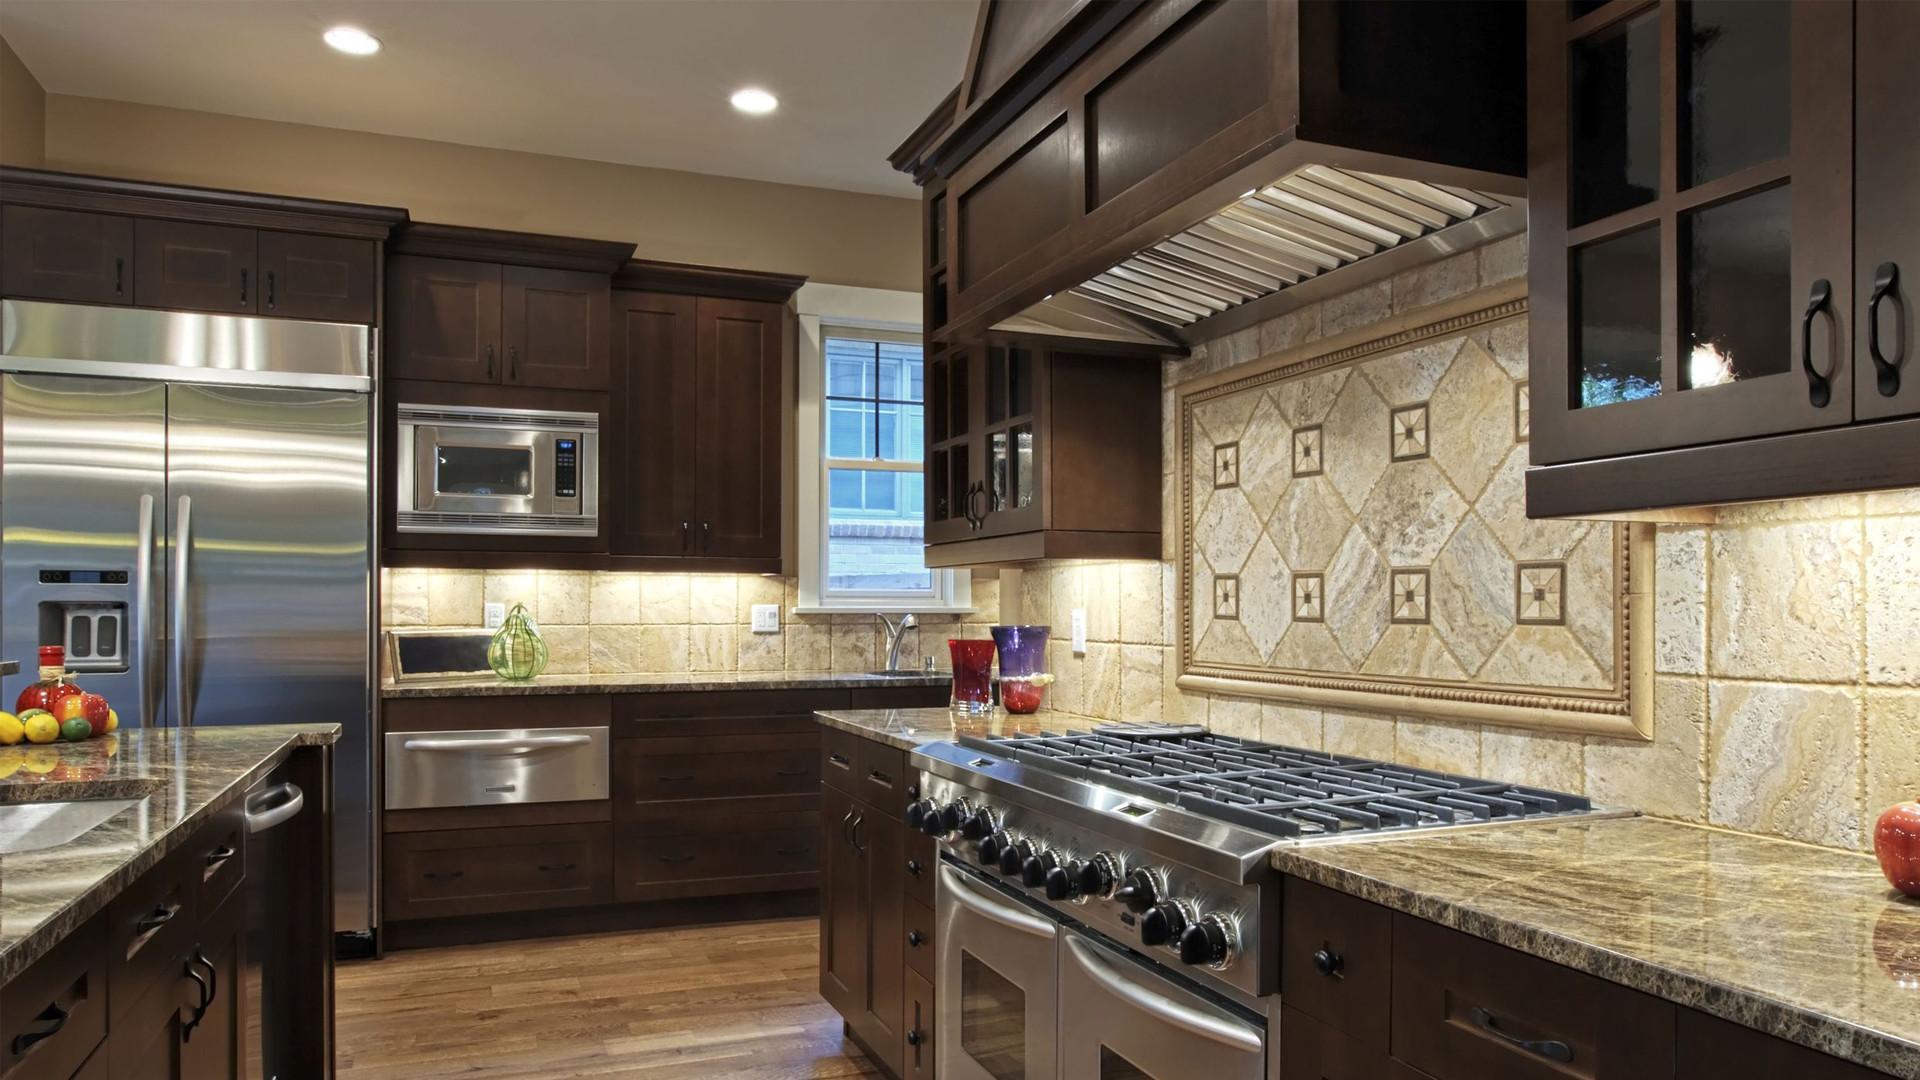 trendstone | granite & quartz countertops in eau claire, wi